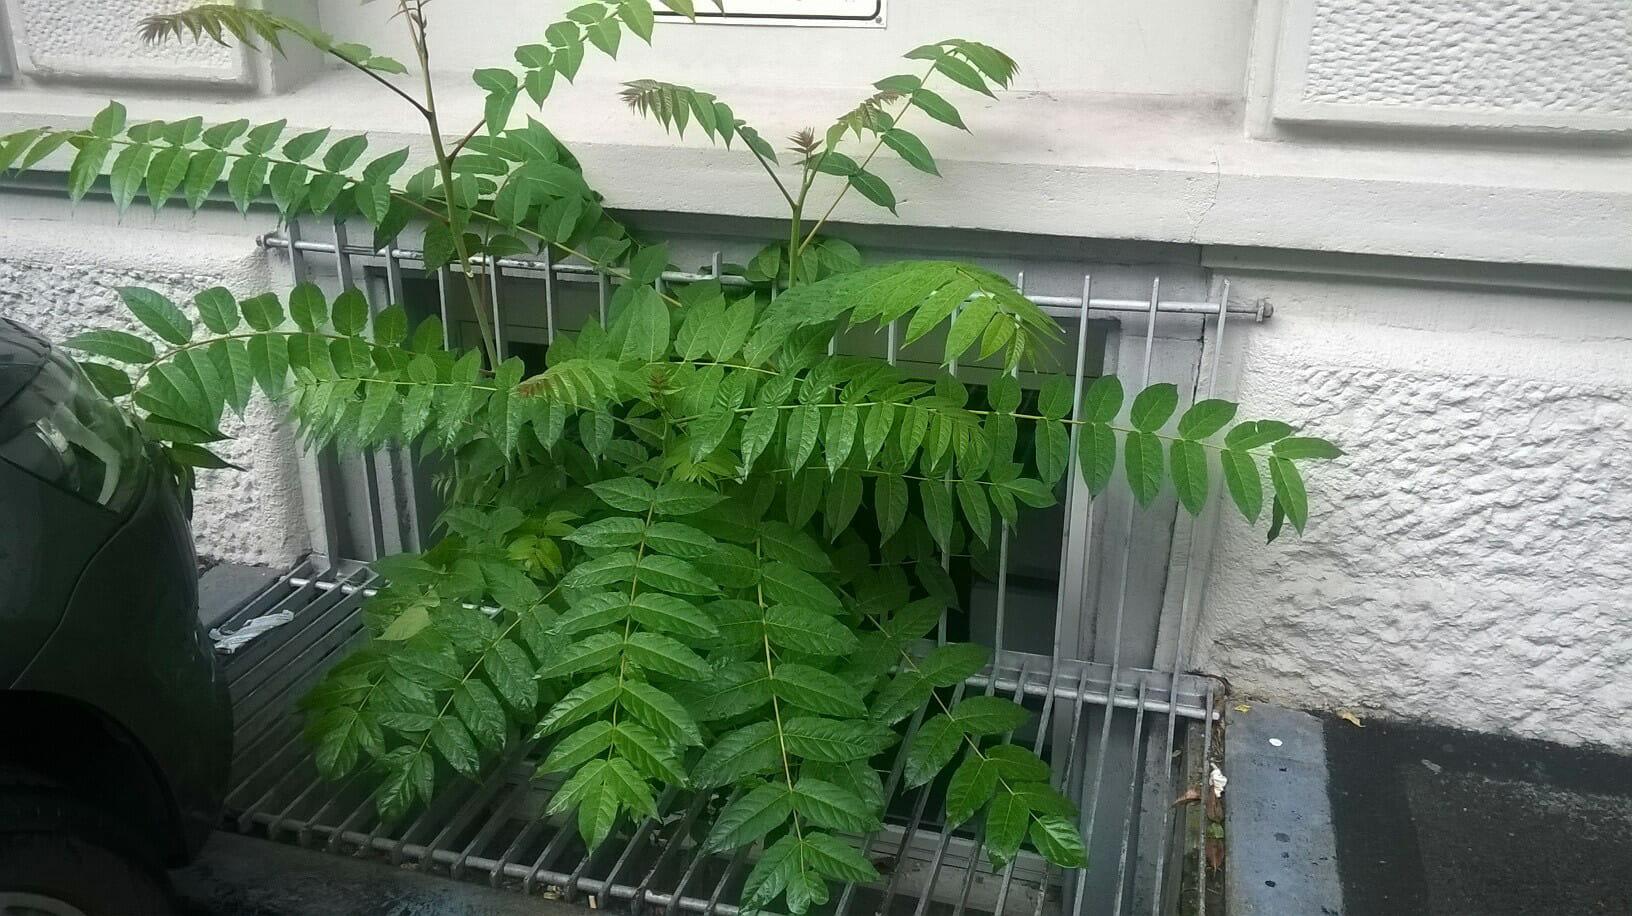 Der Götterbaum ist ein invasiver Neophyt, der Infrastrukturen beschädigt.